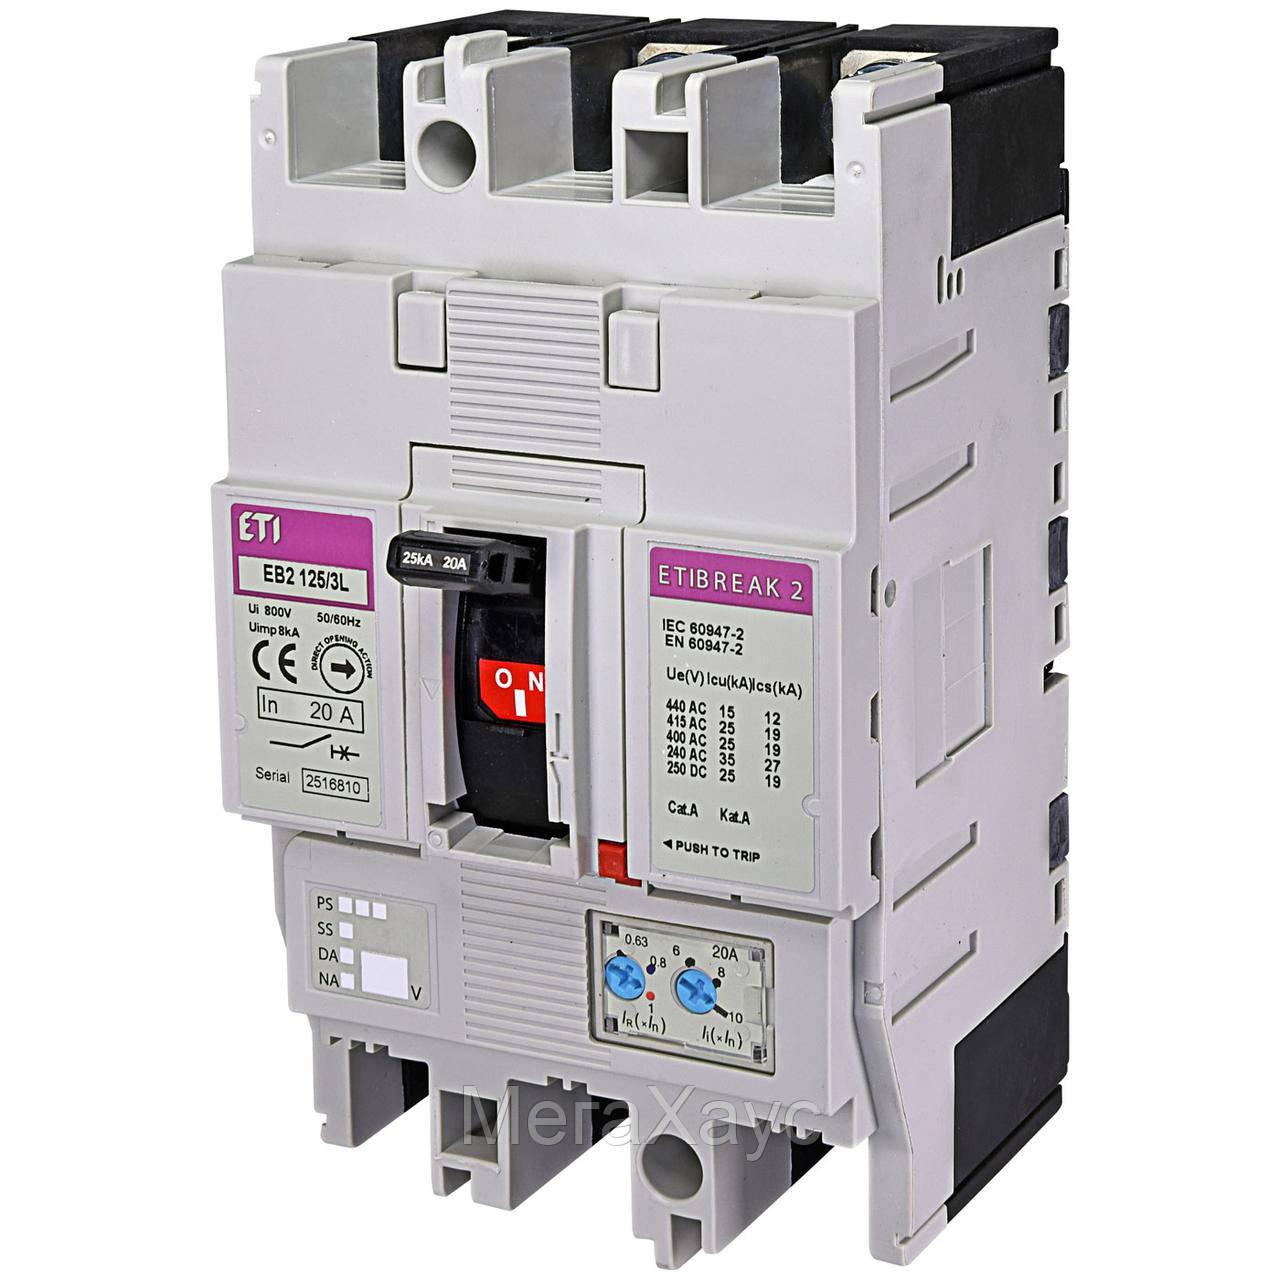 Промышленный автоматический выключатель ETI ETIBREAK EB2 125/3L 20А 3р (25кА)